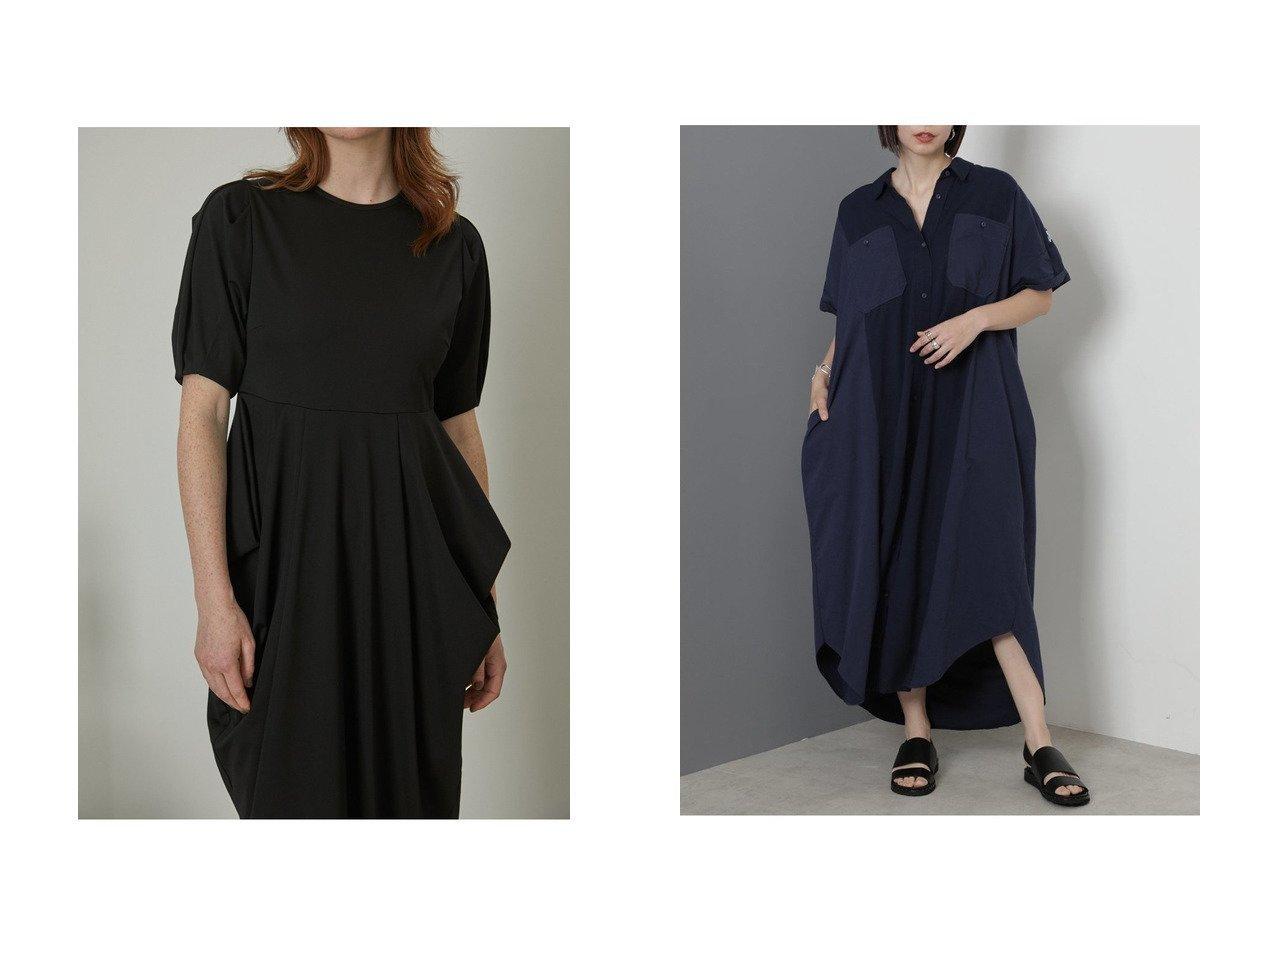 【ROSE BUD/ローズバッド】のロングシャツワンピース&【RIM.ARK/リムアーク】のドレス・ワンピース 【ワンピース・ドレス】おすすめ!人気、トレンド・レディースファッションの通販 おすすめで人気の流行・トレンド、ファッションの通販商品 インテリア・家具・メンズファッション・キッズファッション・レディースファッション・服の通販 founy(ファニー) https://founy.com/ ファッション Fashion レディースファッション WOMEN ワンピース Dress ドレス Party Dresses シャツワンピース Shirt Dresses アクセサリー オケージョン カットソー ダウン ドレス ドレープ バランス 2021年 2021 2021-2022秋冬・A/W AW・Autumn/Winter・FW・Fall-Winter・2021-2022 A/W・秋冬 AW・Autumn/Winter・FW・Fall-Winter おすすめ Recommend リネン 羽織  ID:crp329100000054600